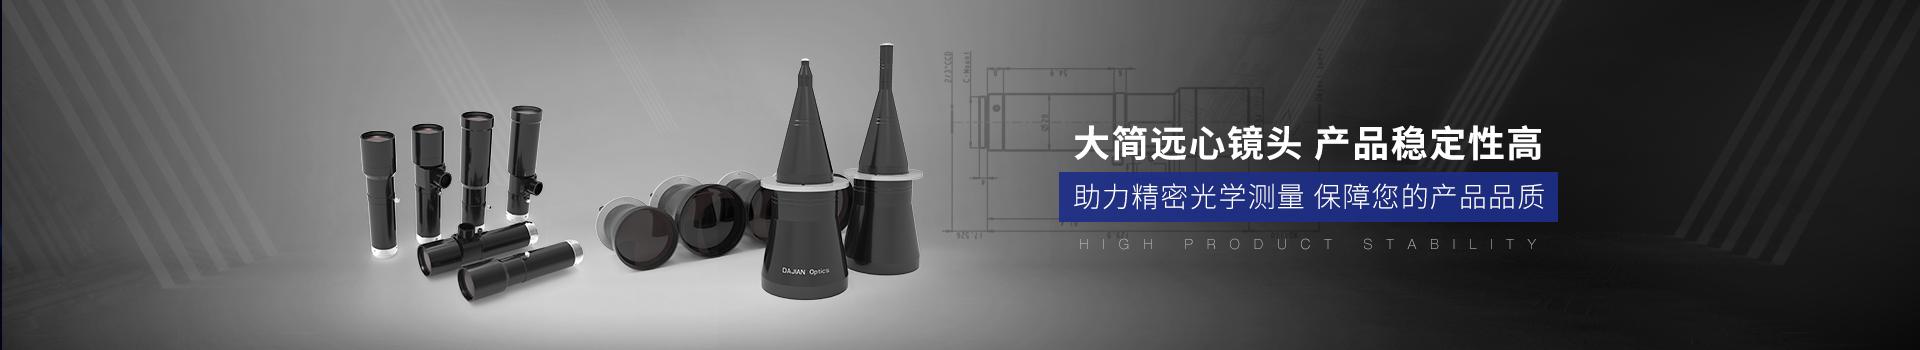 大简光学-大简远心镜头,产品稳定性高